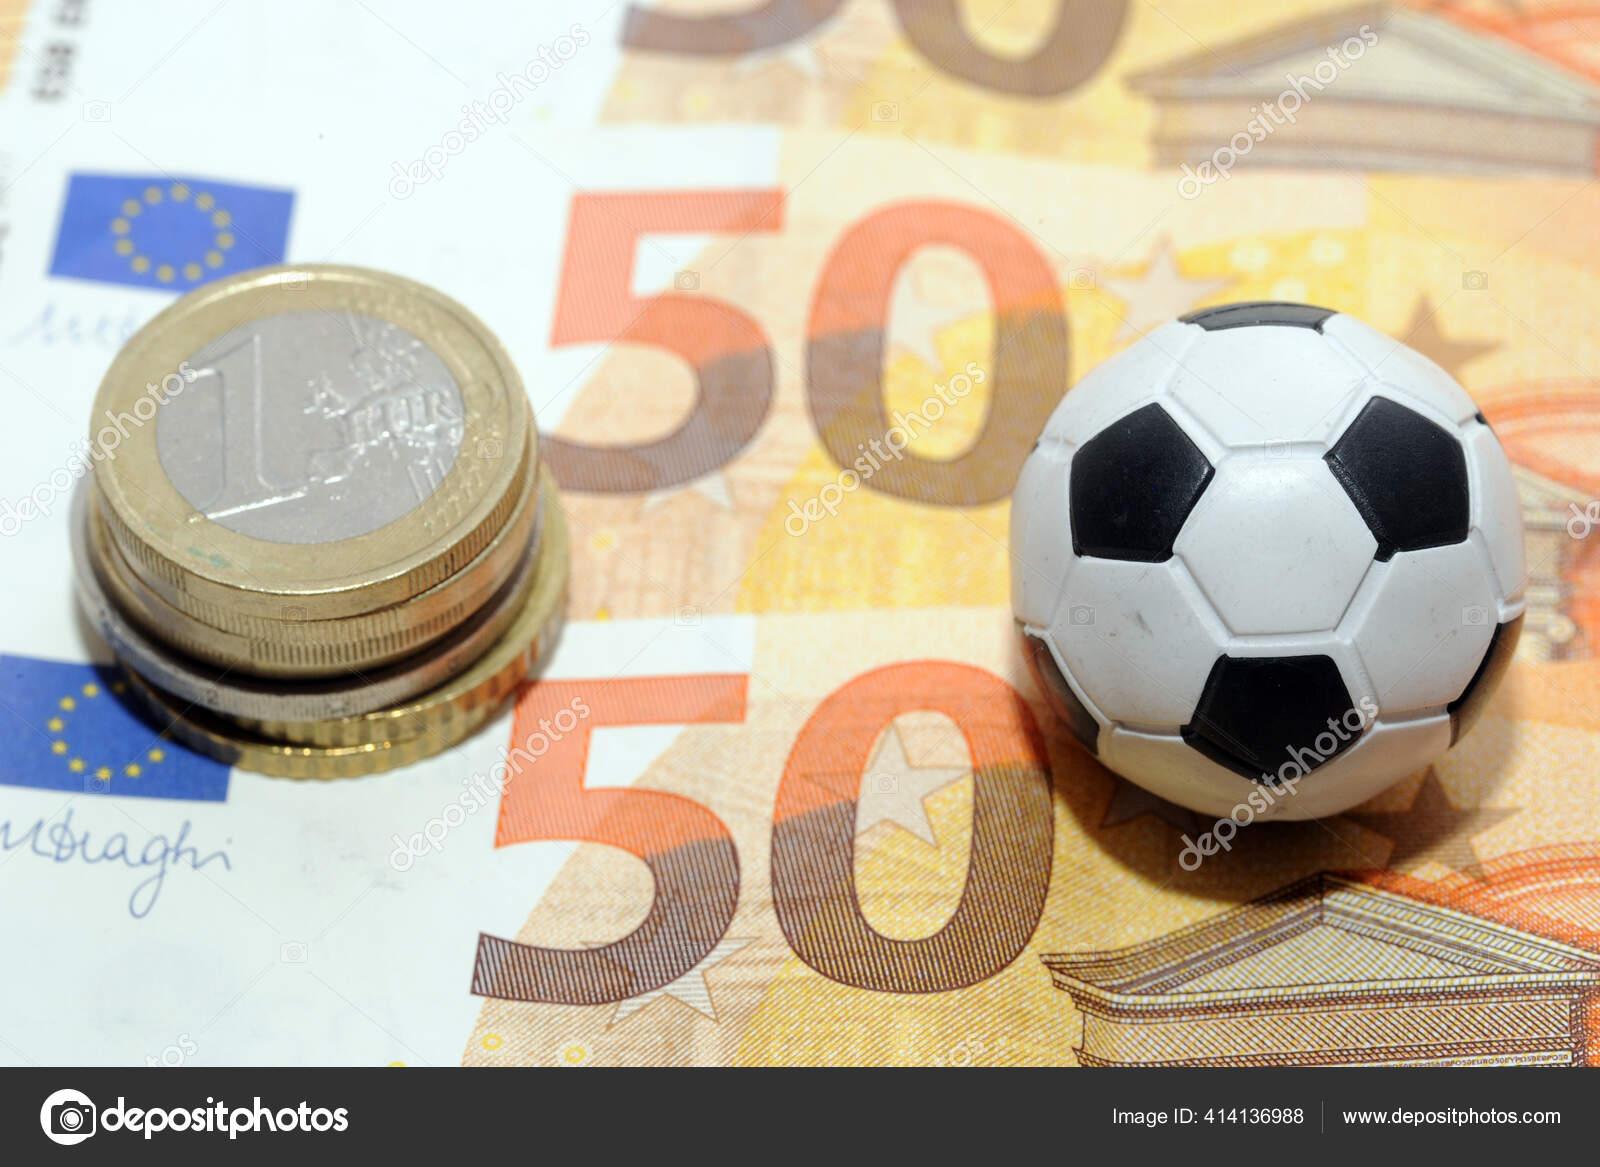 Sepak Bola Dan Uang Euro Taruhan Online Taruhan Olahraga Dan Stok Foto C Andreadelbo 414136988